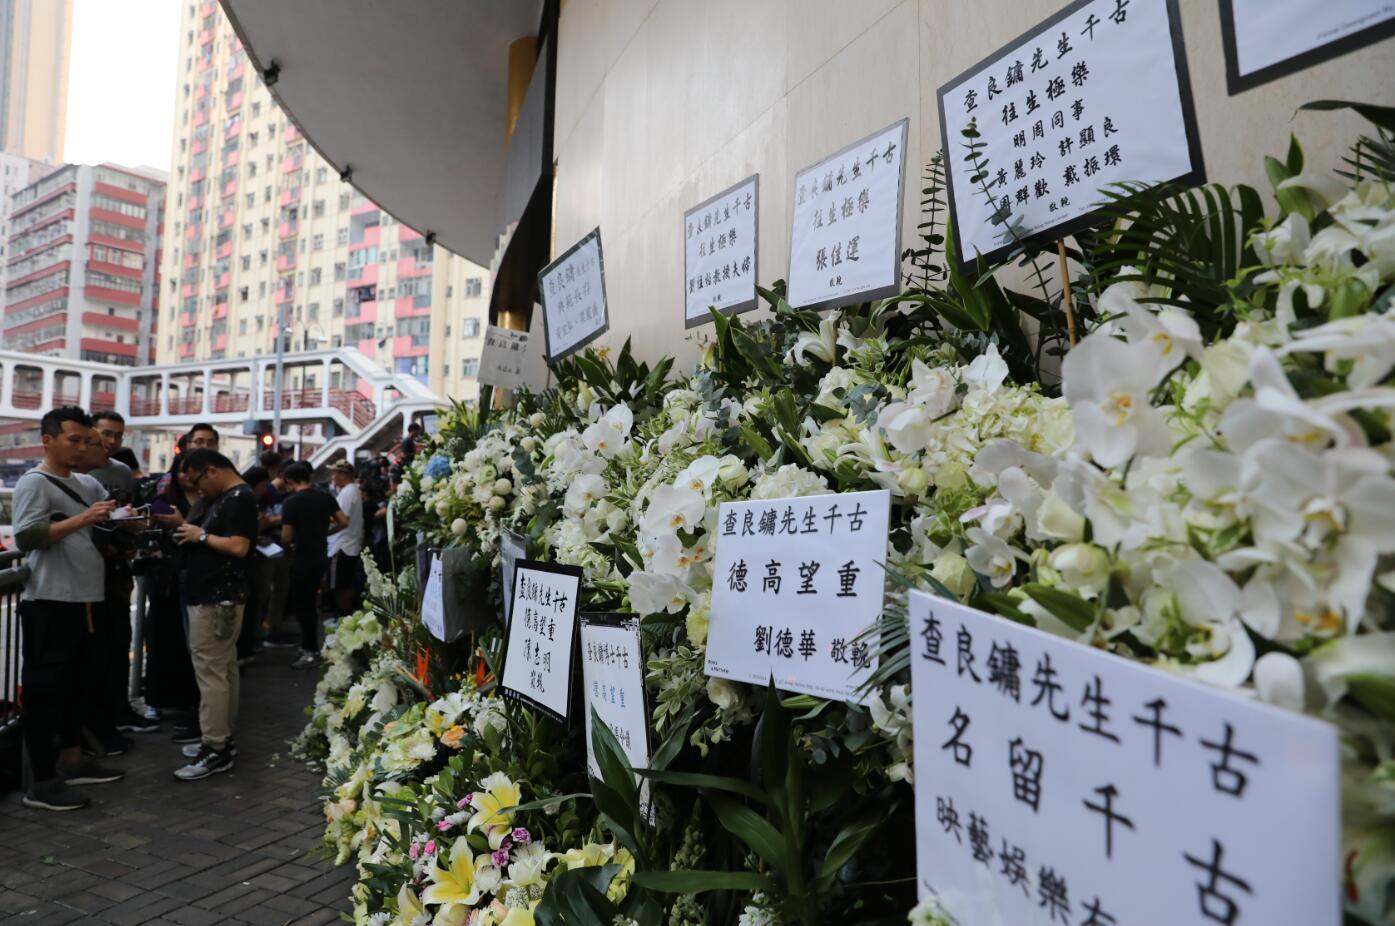 金庸丧礼在香港举行 马云、黄晓明等到场吊唁